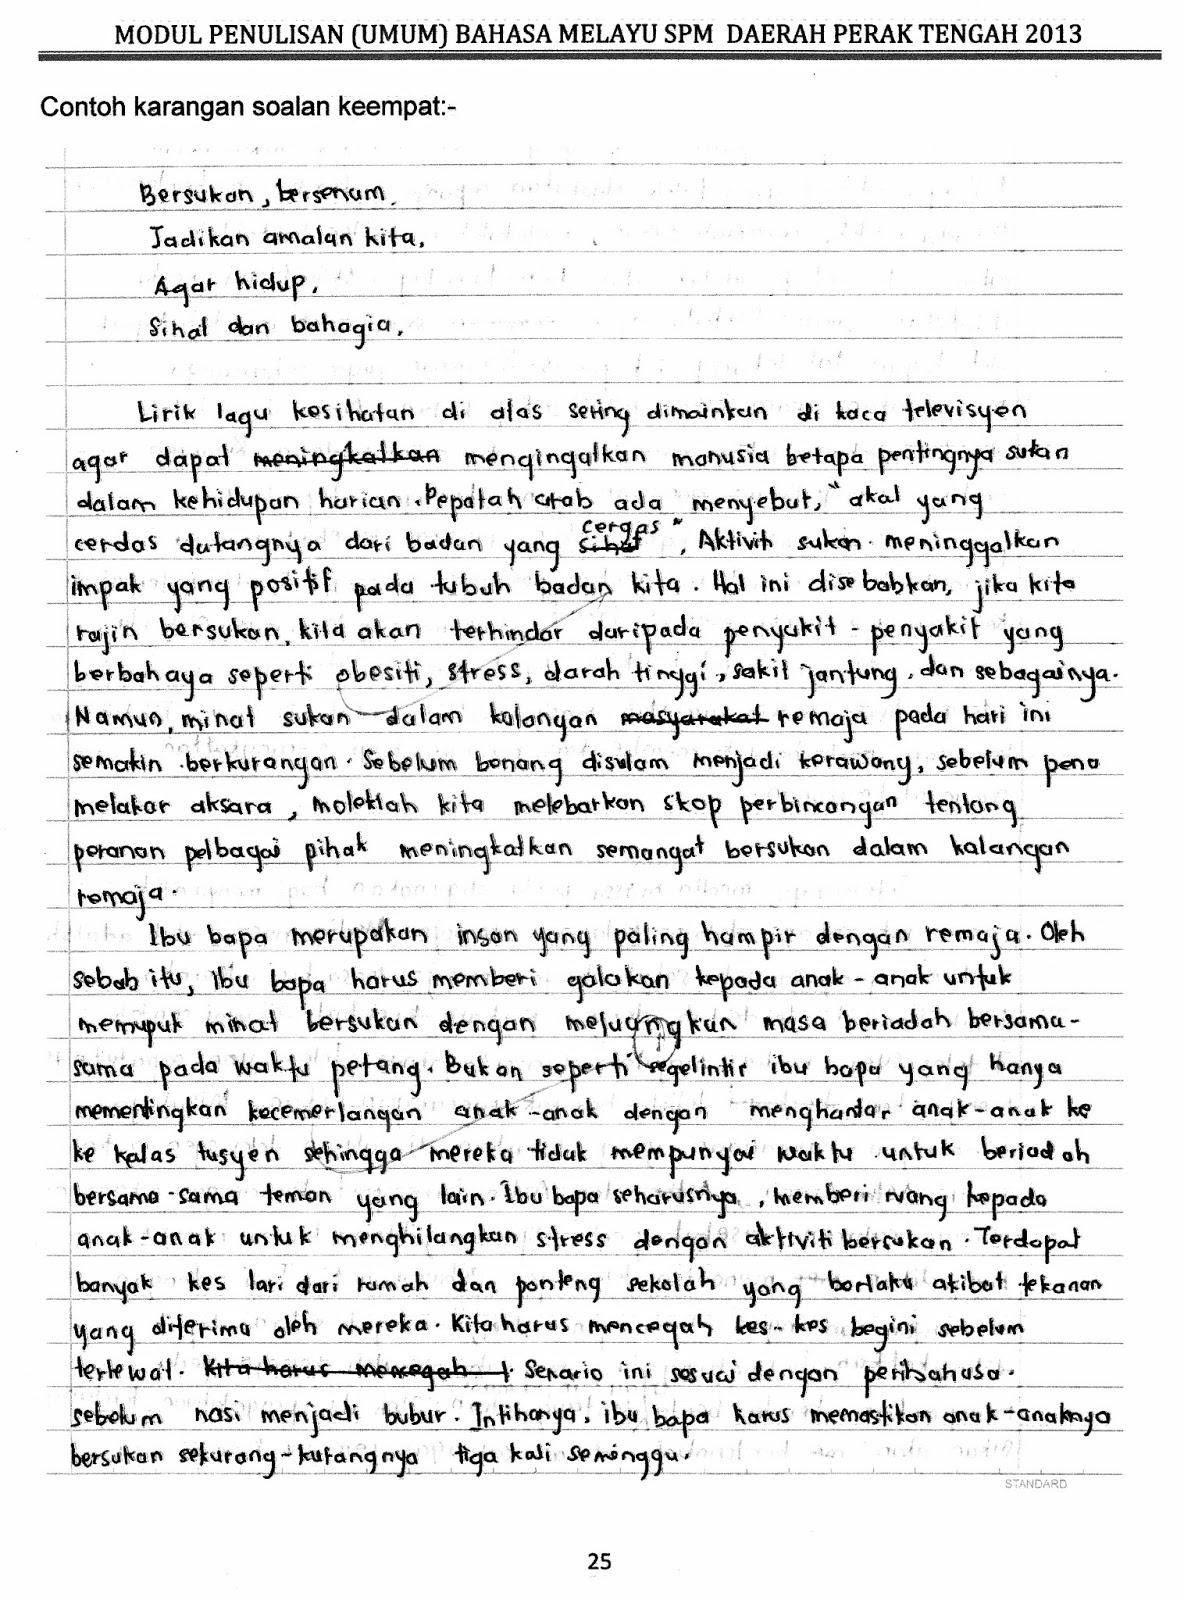 Laman Bahasa Melayu Spm Program Menyalin Karangan Berfokus Diri Keluarga Masyarakat Negara Antarabangsa Dan Fokus Komsas Cuti Semester Pertama 2013